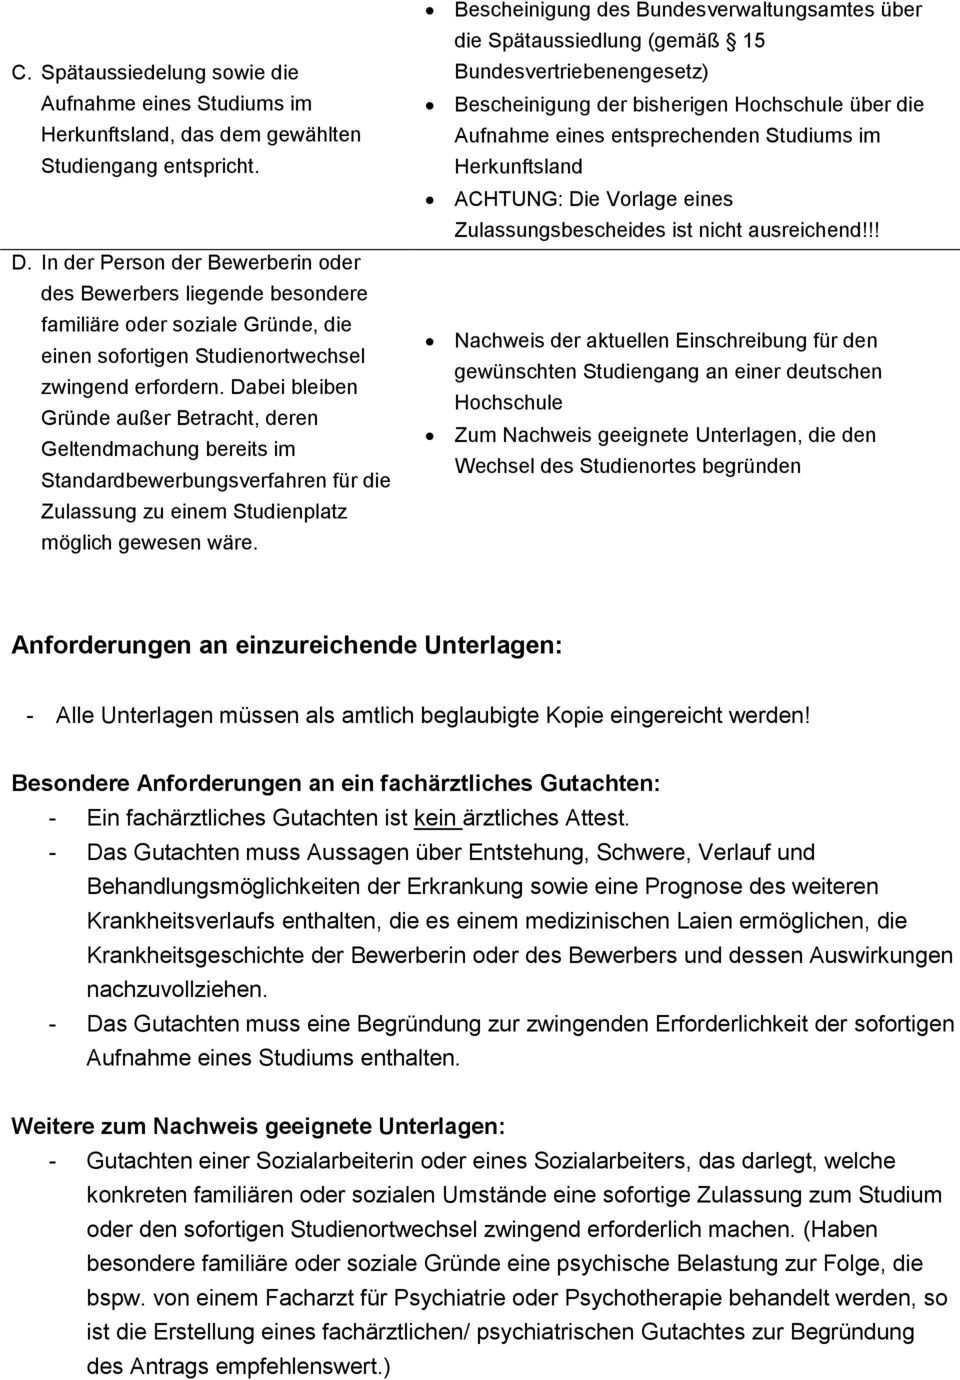 Hartefallantrag Antrag Auf Berucksichtigung In Der Quote Fur Aussergewohnliche Harte Pdf Free Download